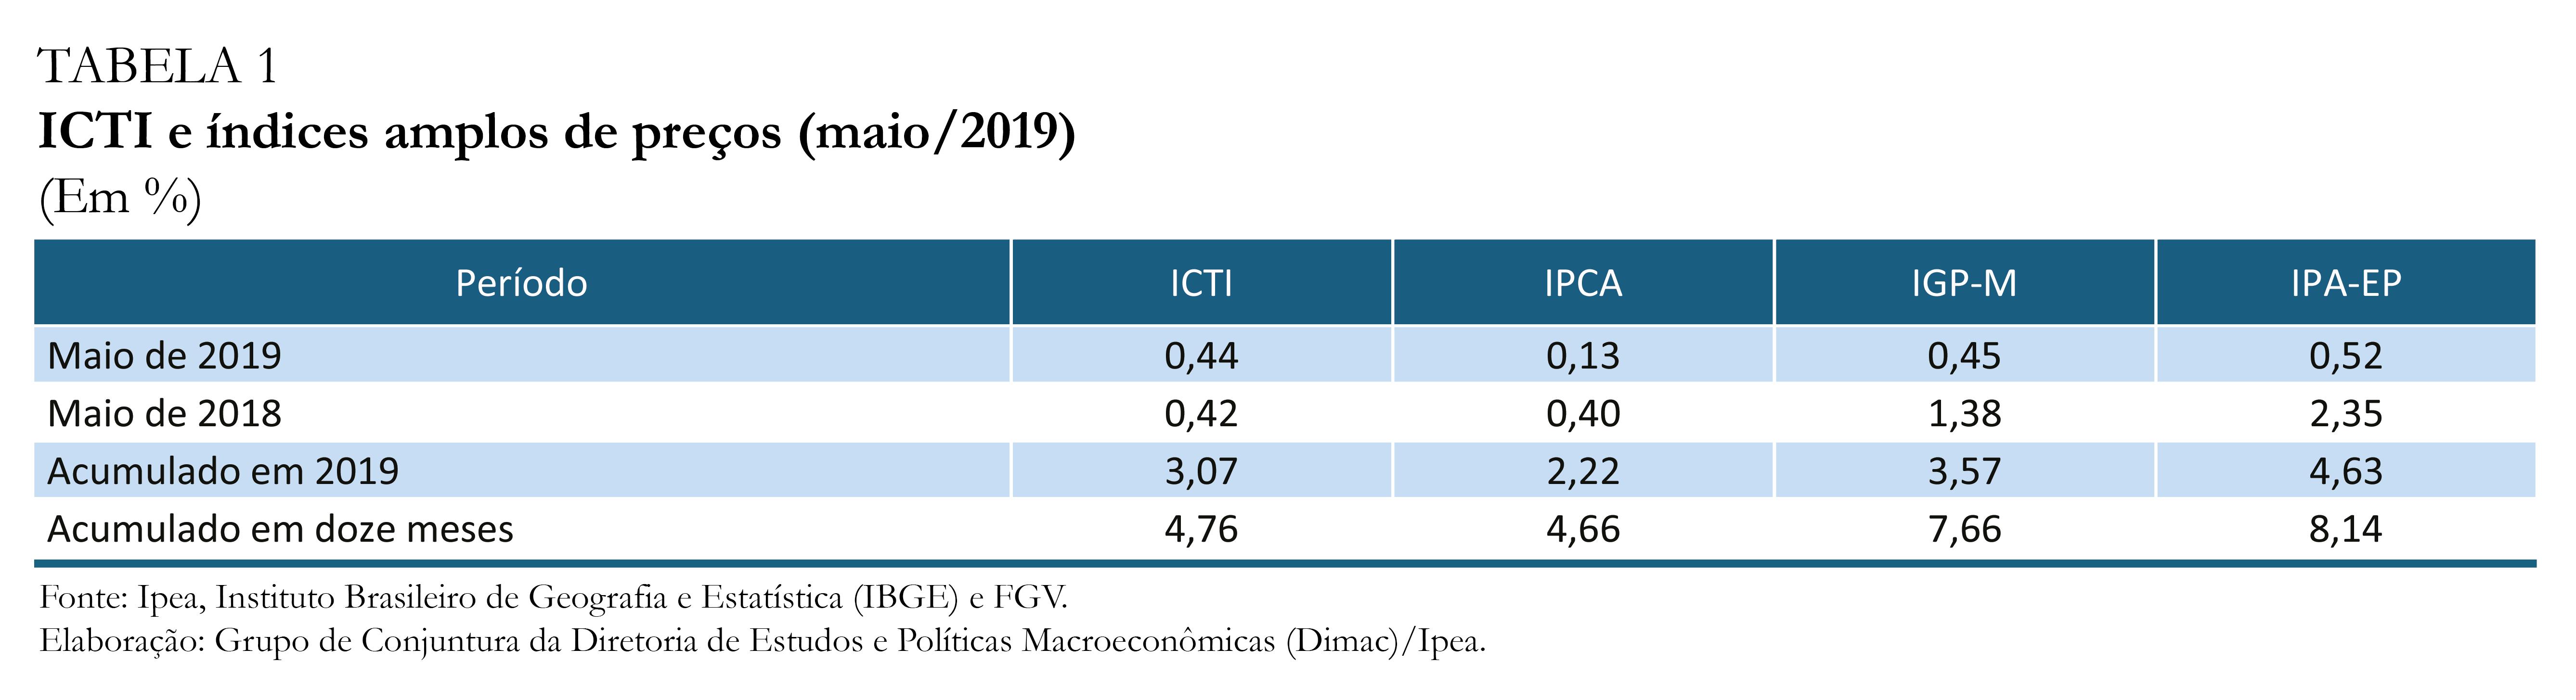 tabela_1_ICTI_mai_19